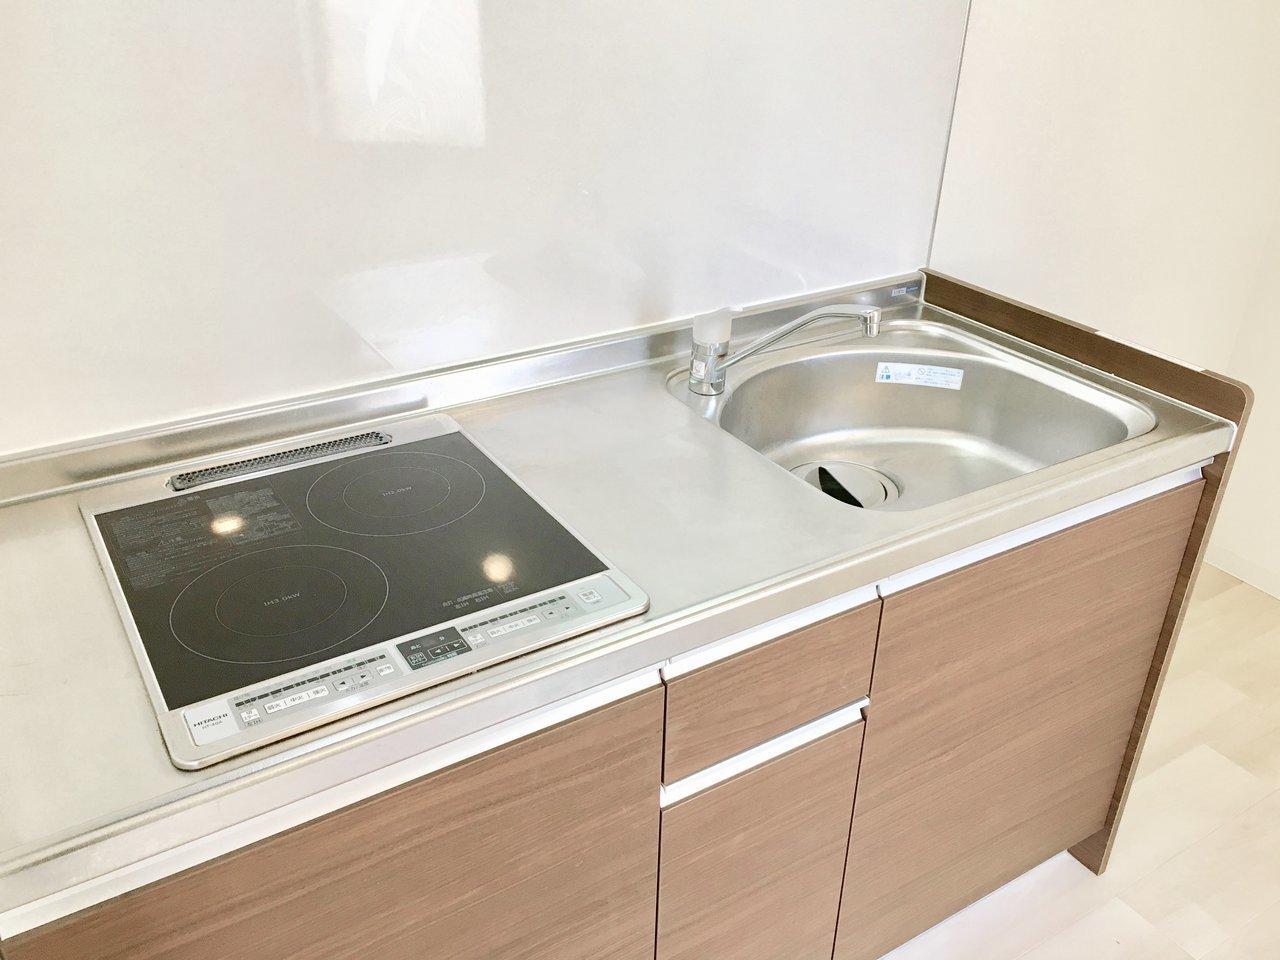 キッチンは2口のIHコンロ。IHなので汚れた場合のお手入れが簡単なのがうれしいポイント。料理中はドアを閉めておけば、洋室への臭いうつりの心配も軽減されますよ。